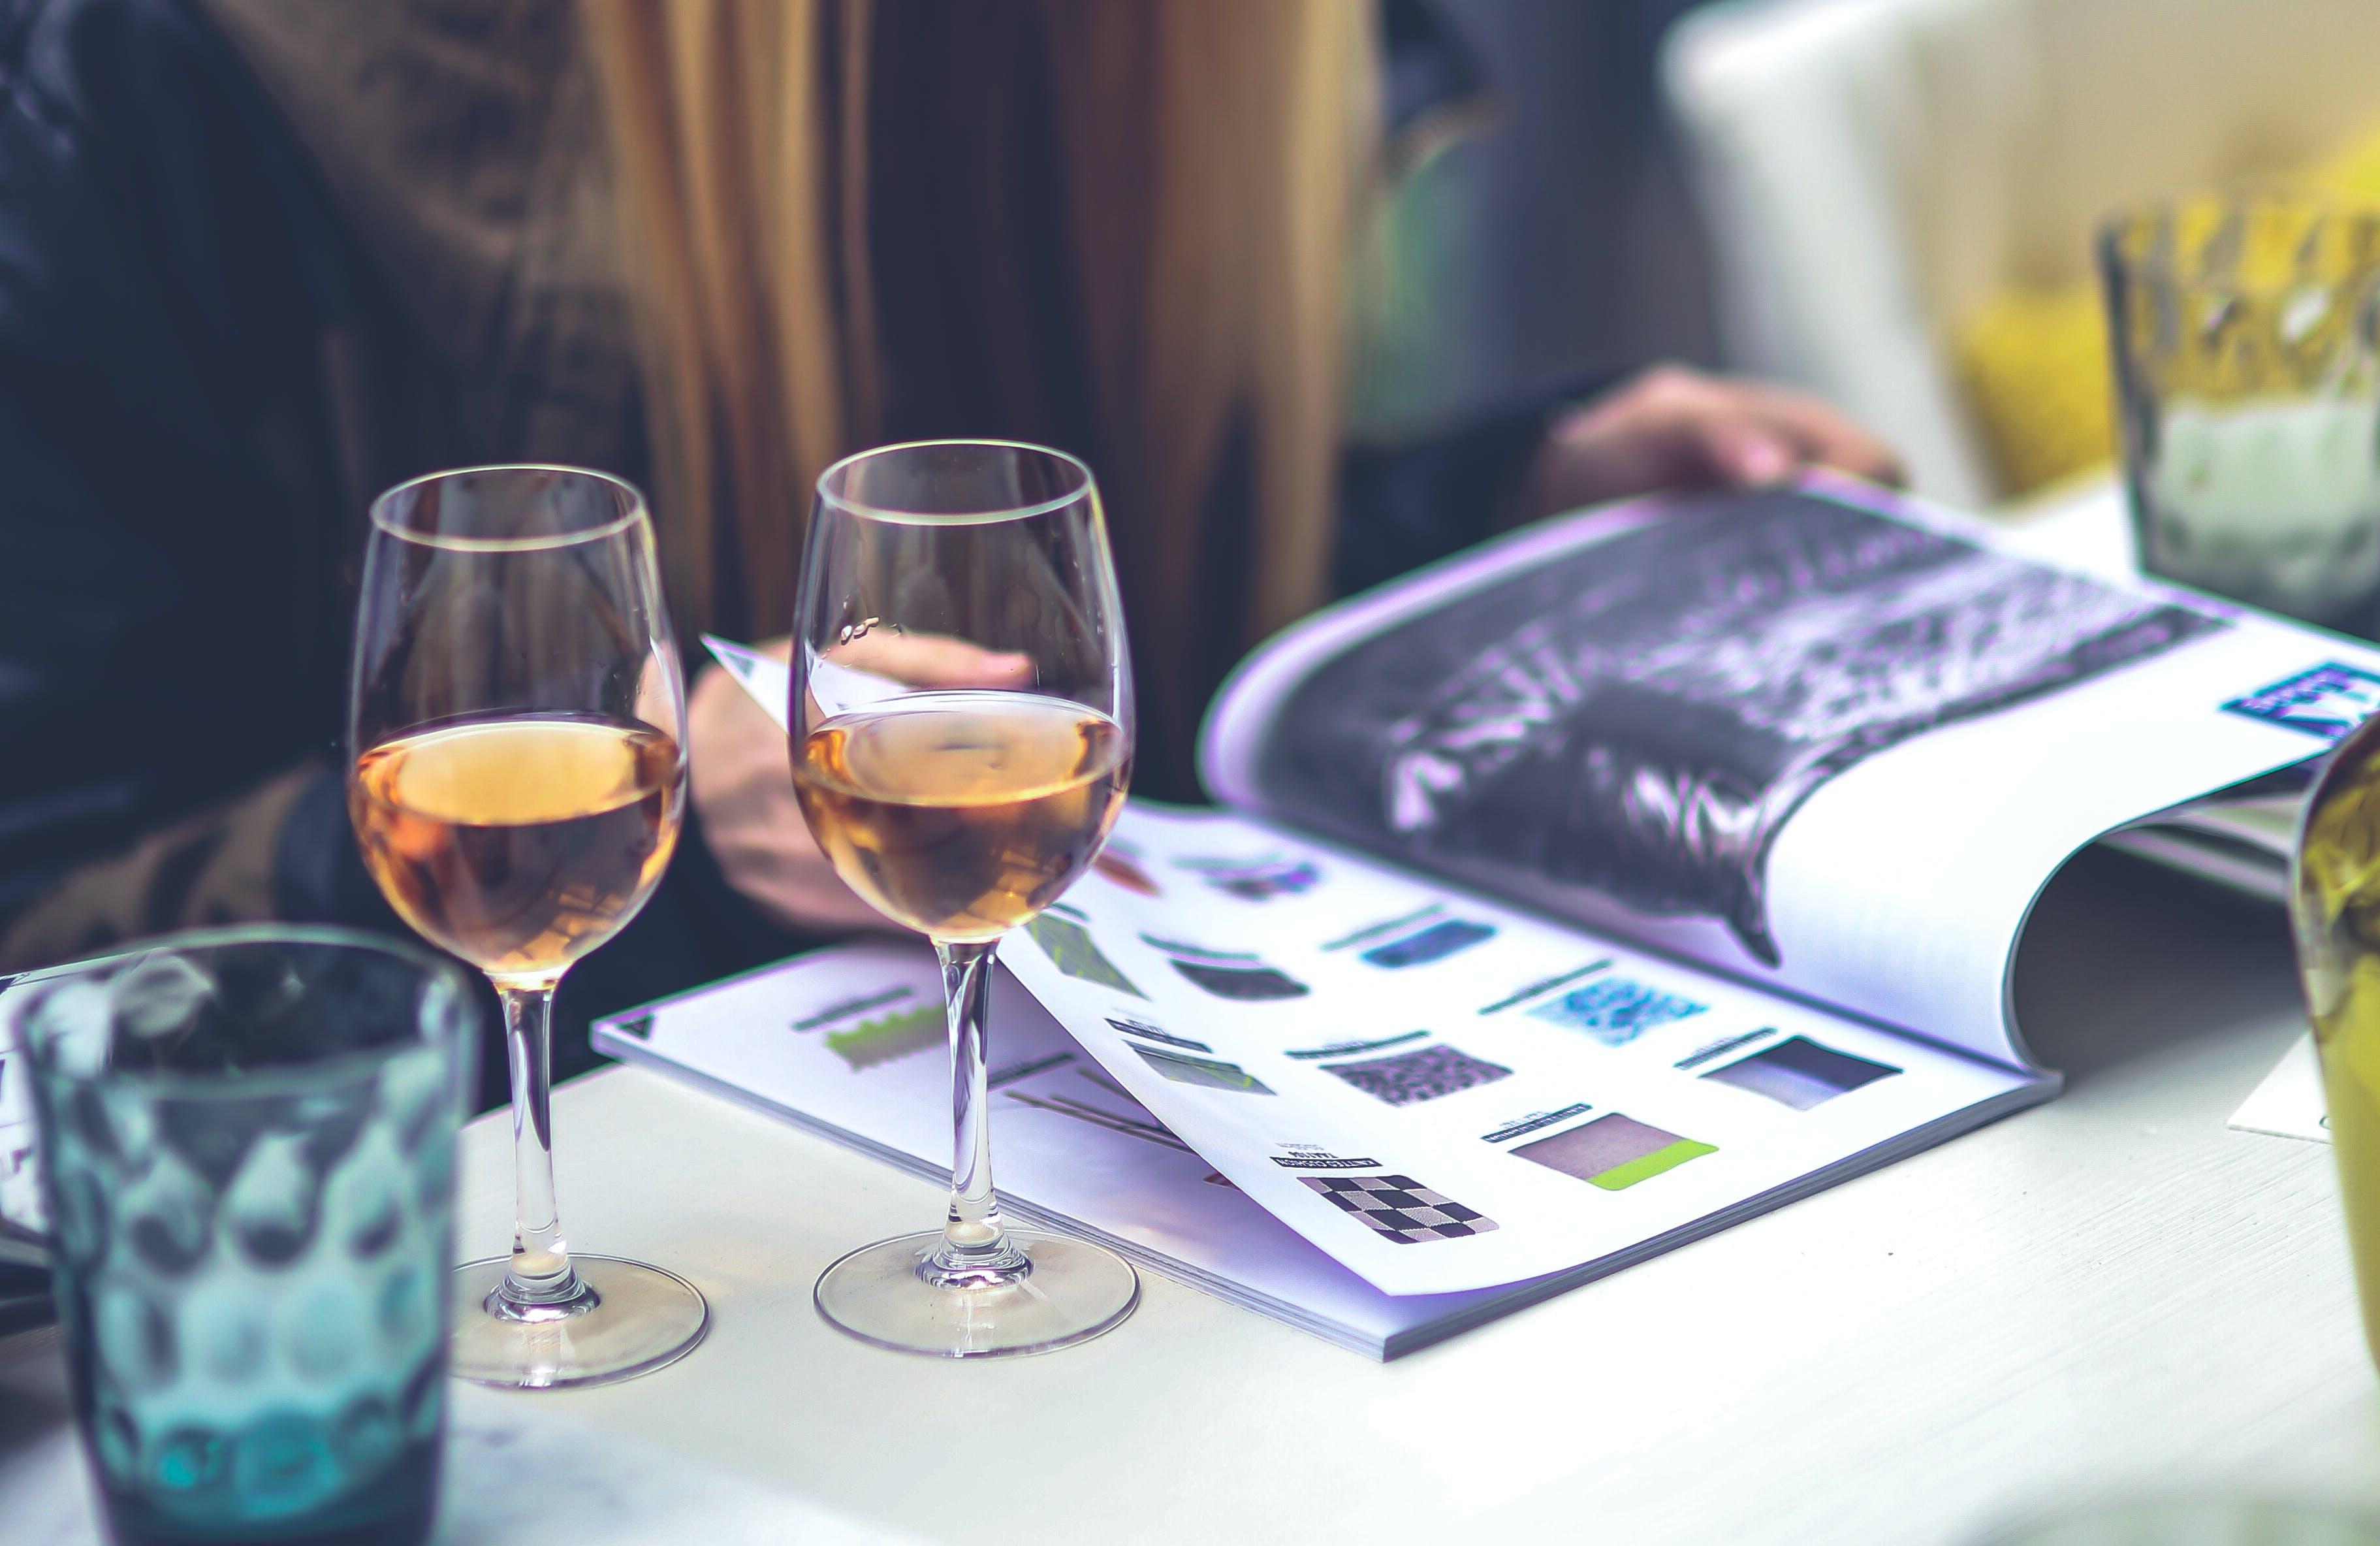 Girl, magazine, wine